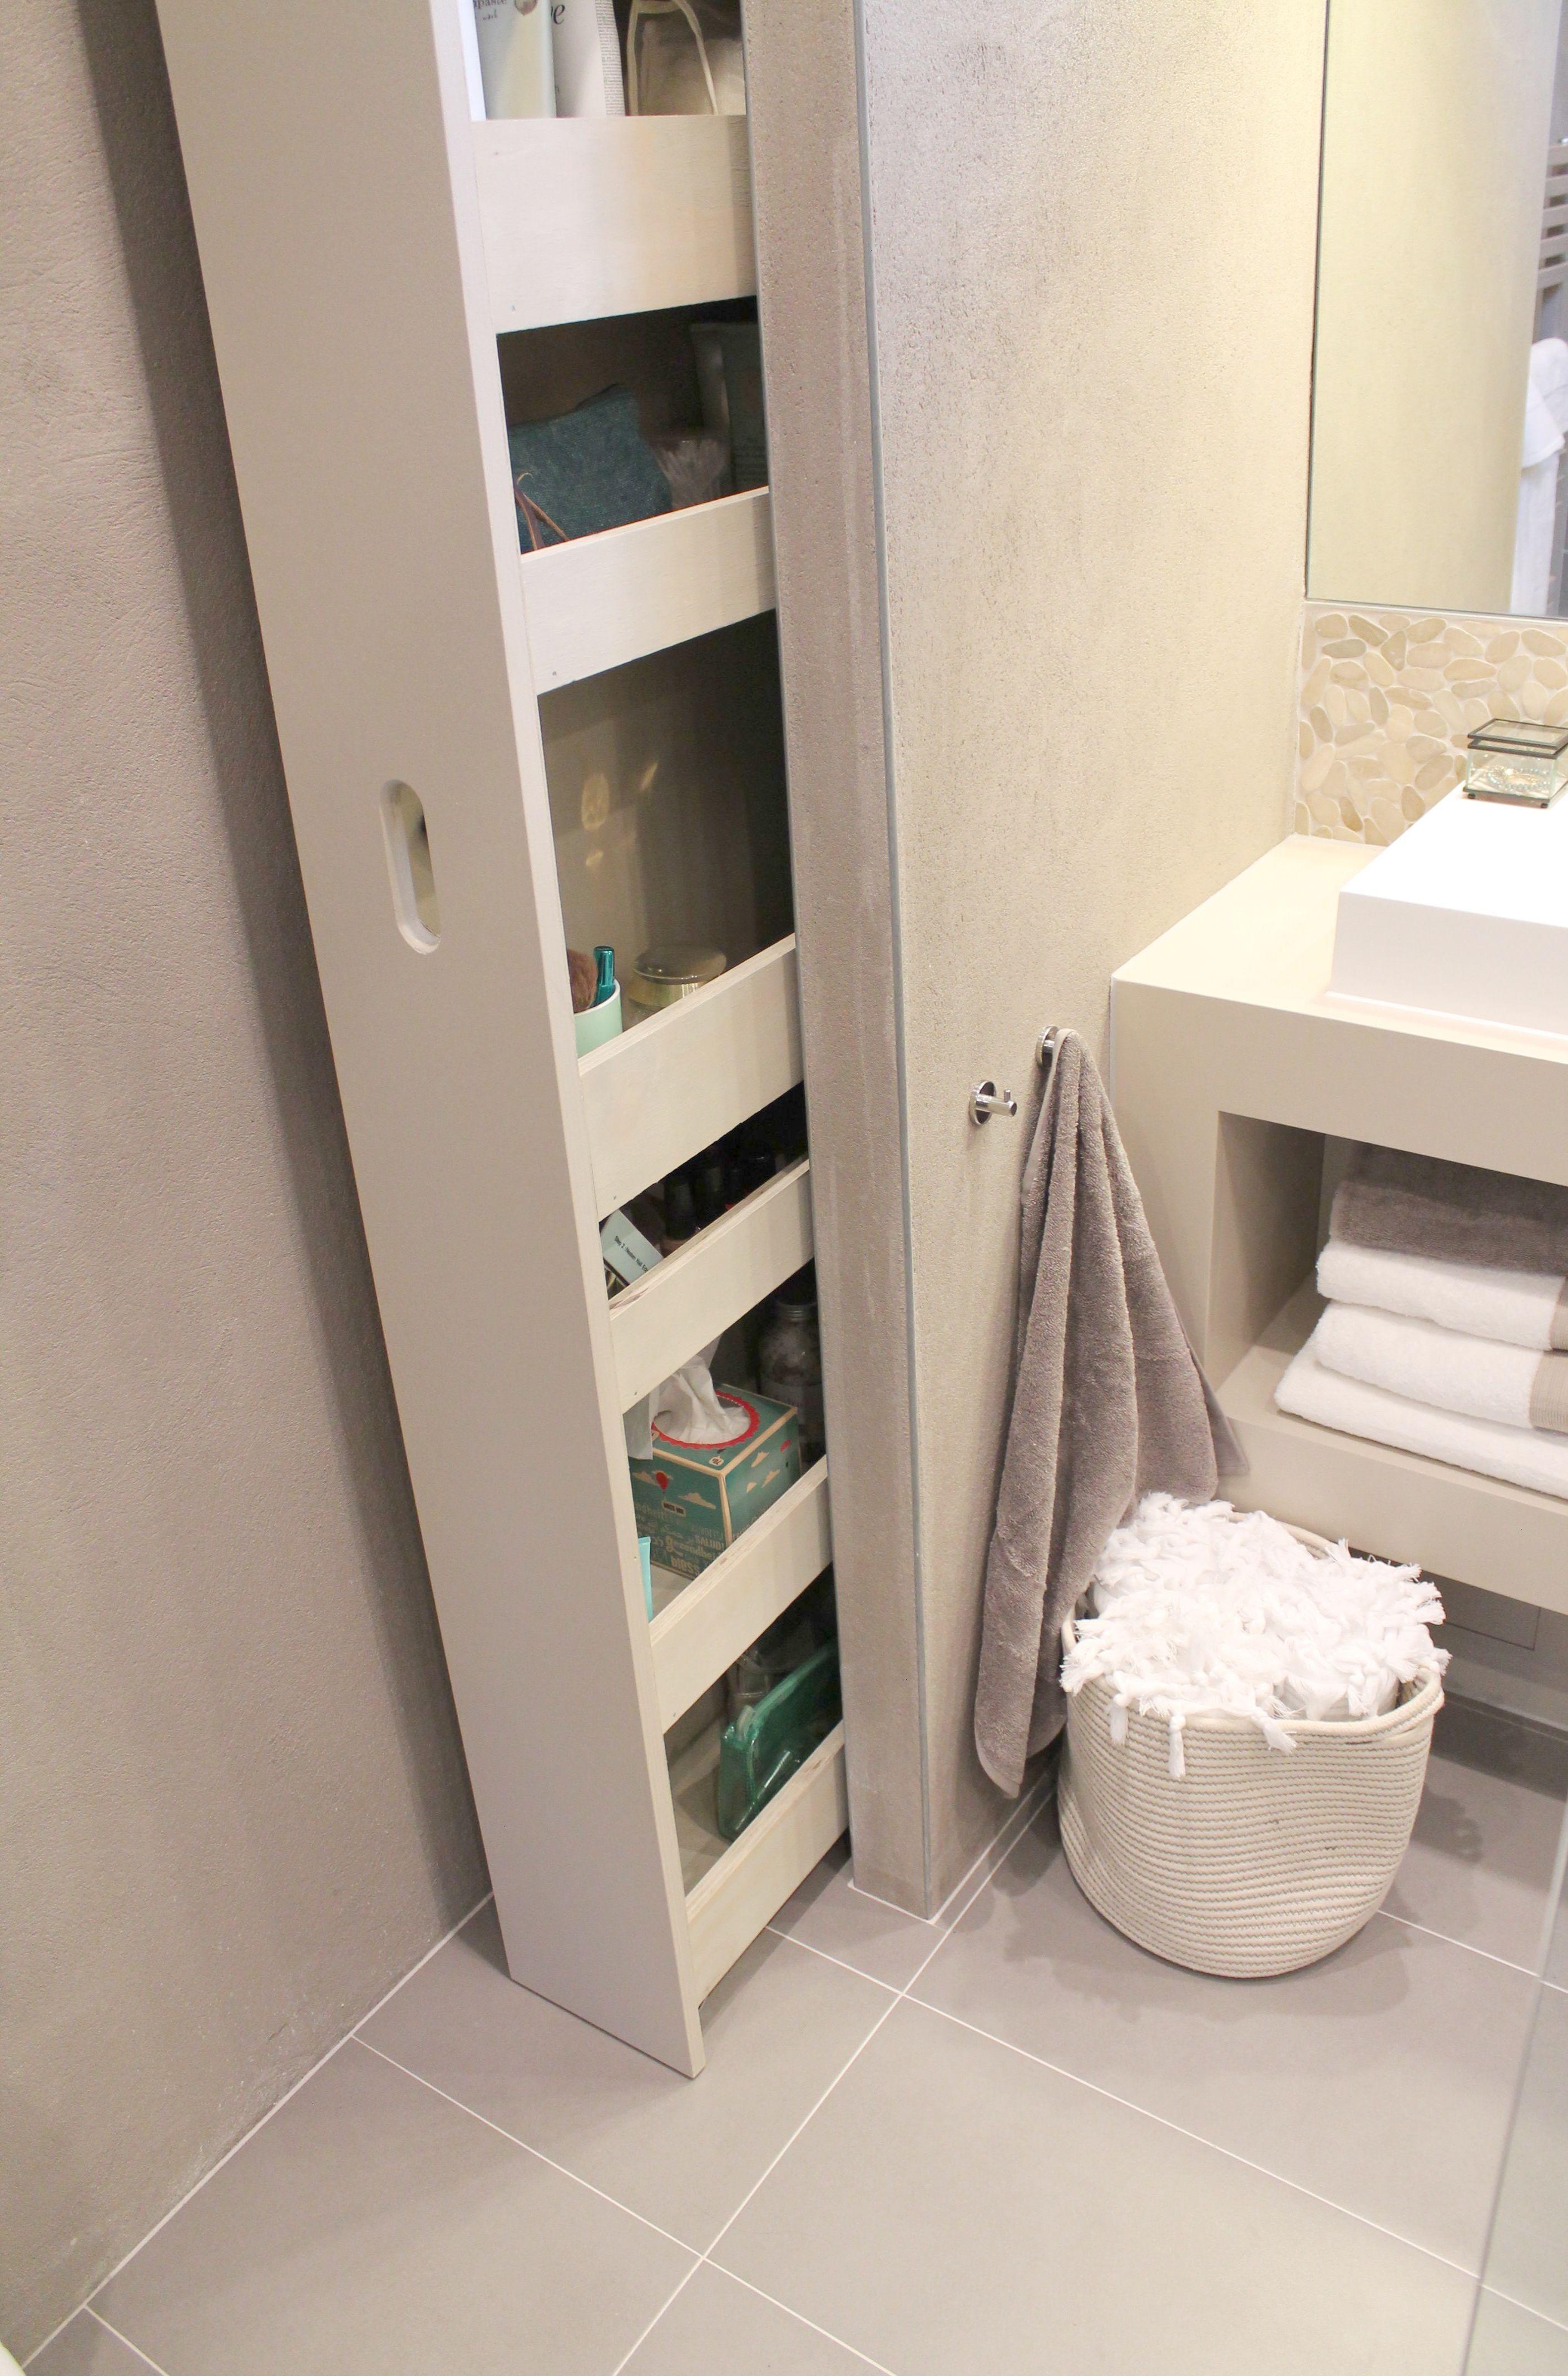 Unten Schrank Direkt Neben Dem Waschtisch Gleiches Holz Wie Waschtisch Badezimmer Regal Bad Einrichten Badezimmer Lagerung